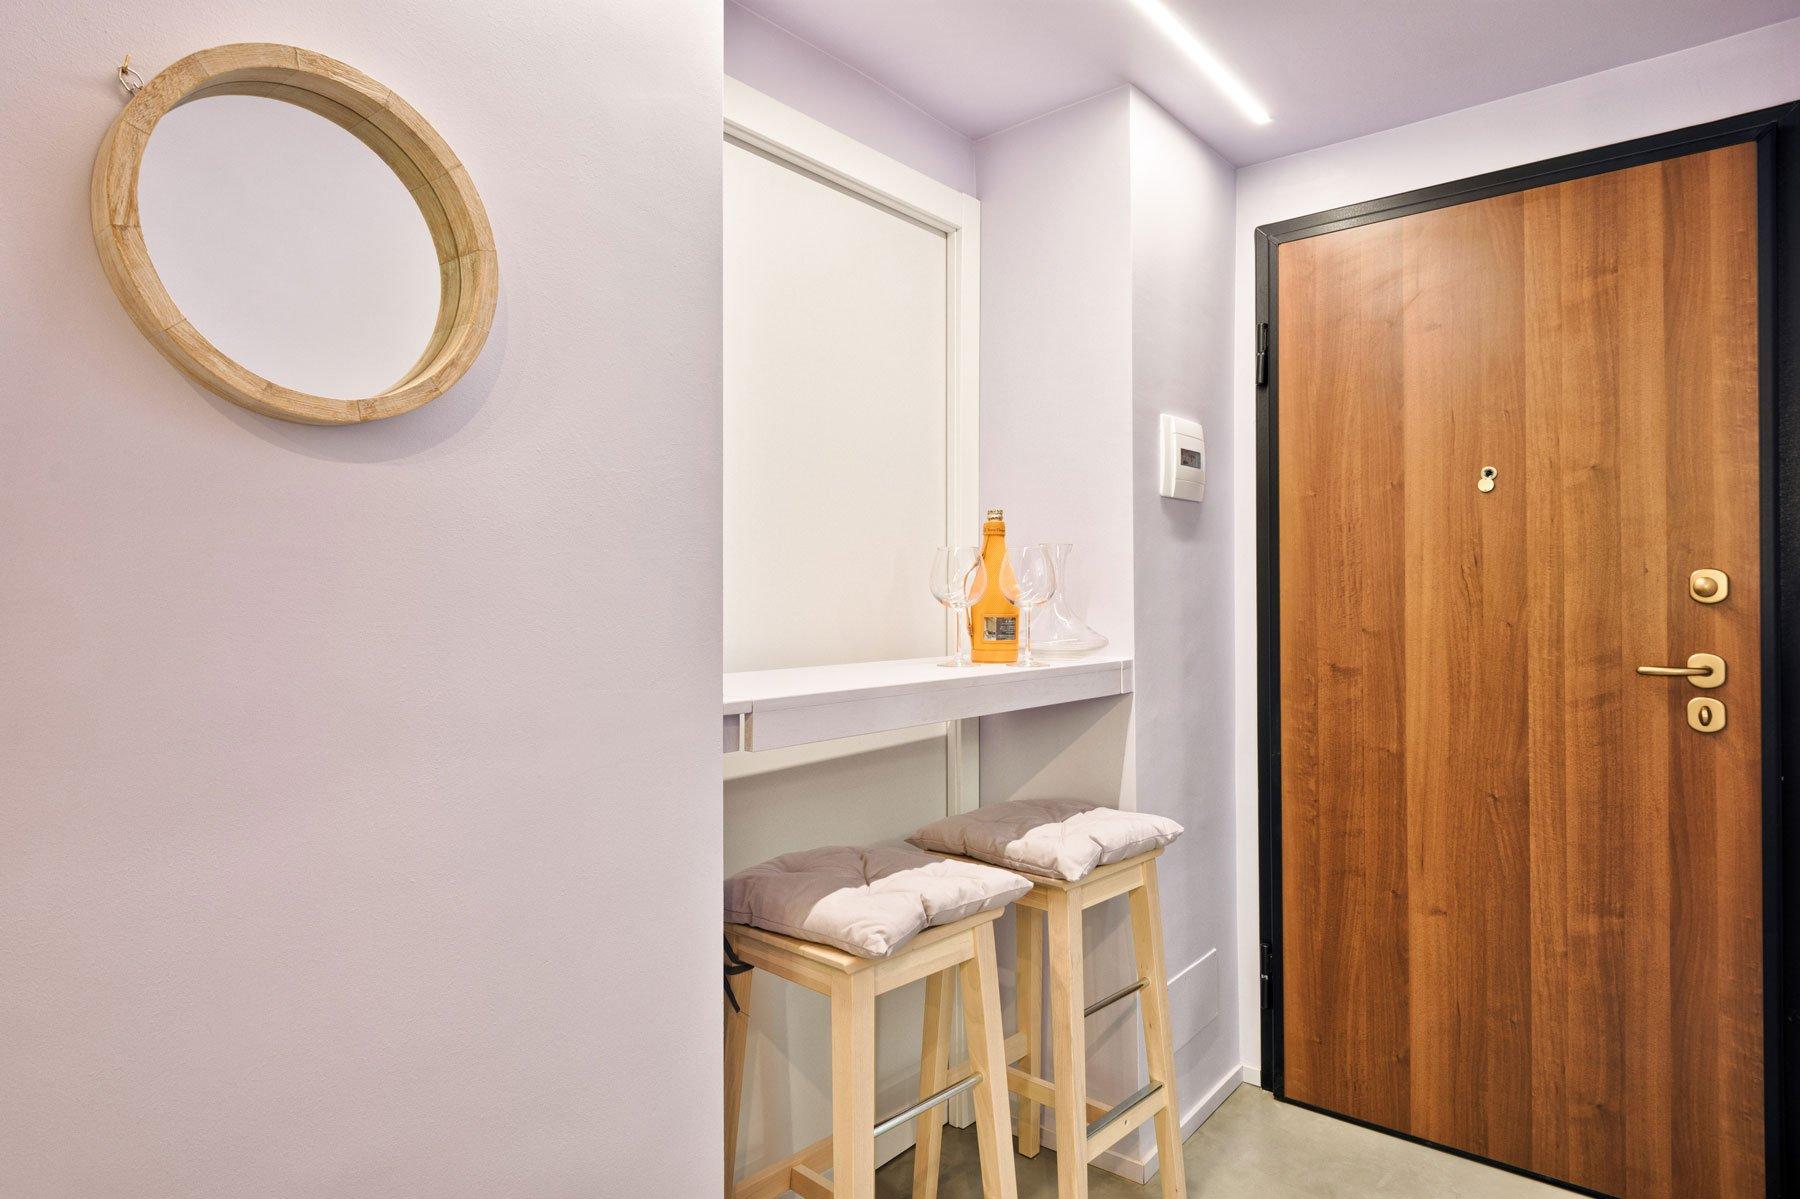 afrodite-superior-room-ingresso